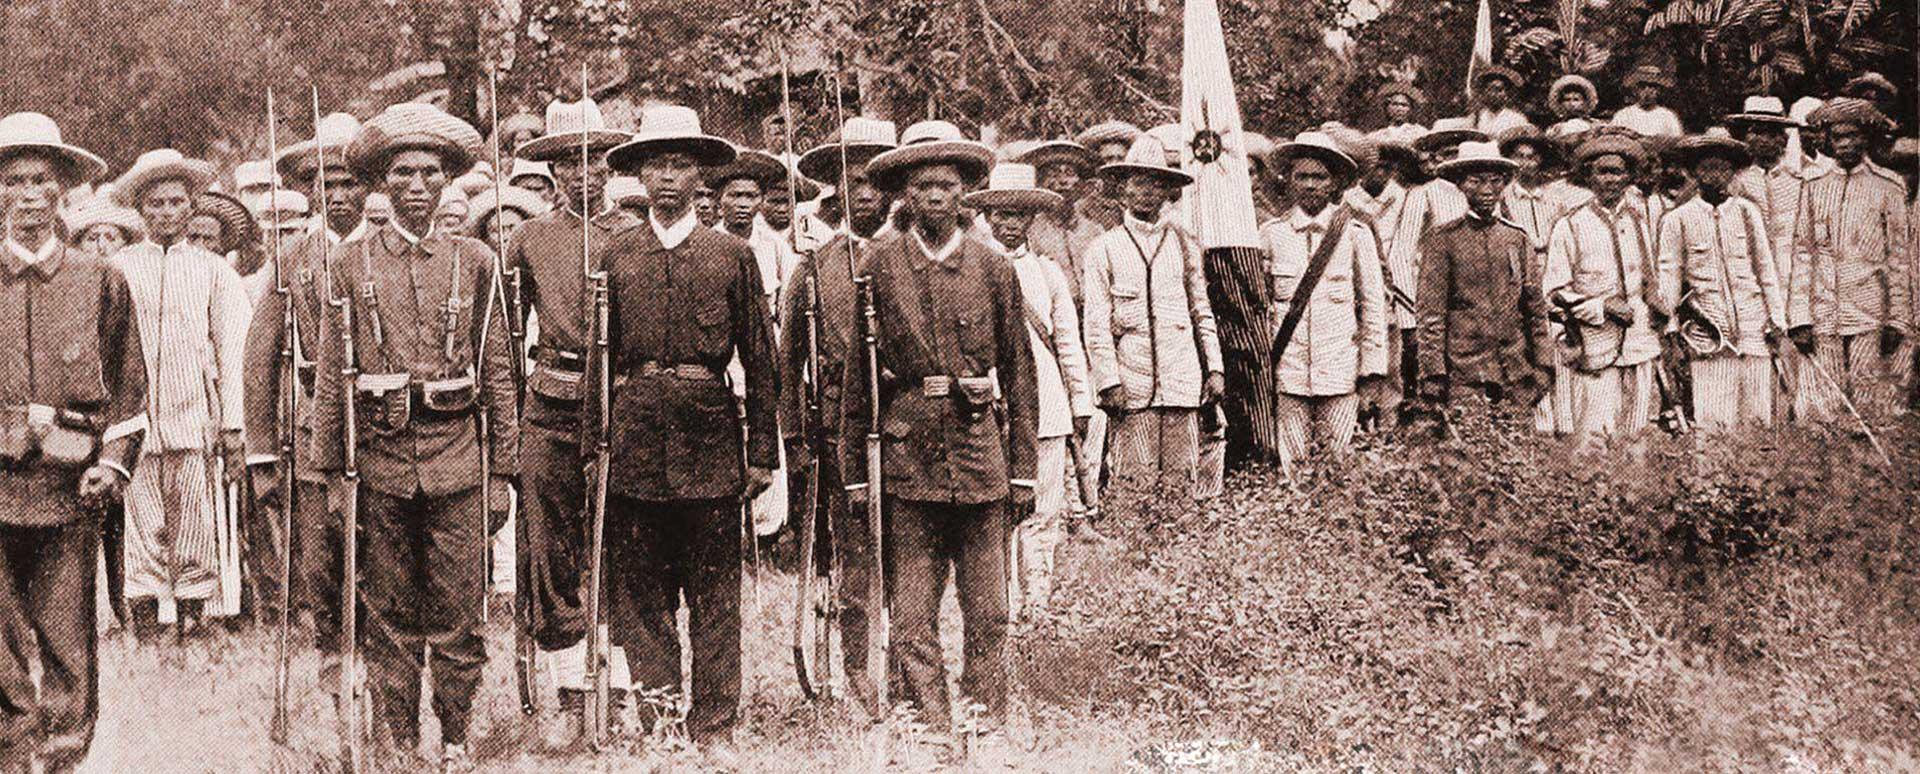 Bayani-art-Philippine-Republic-Army-Kasaysayaan